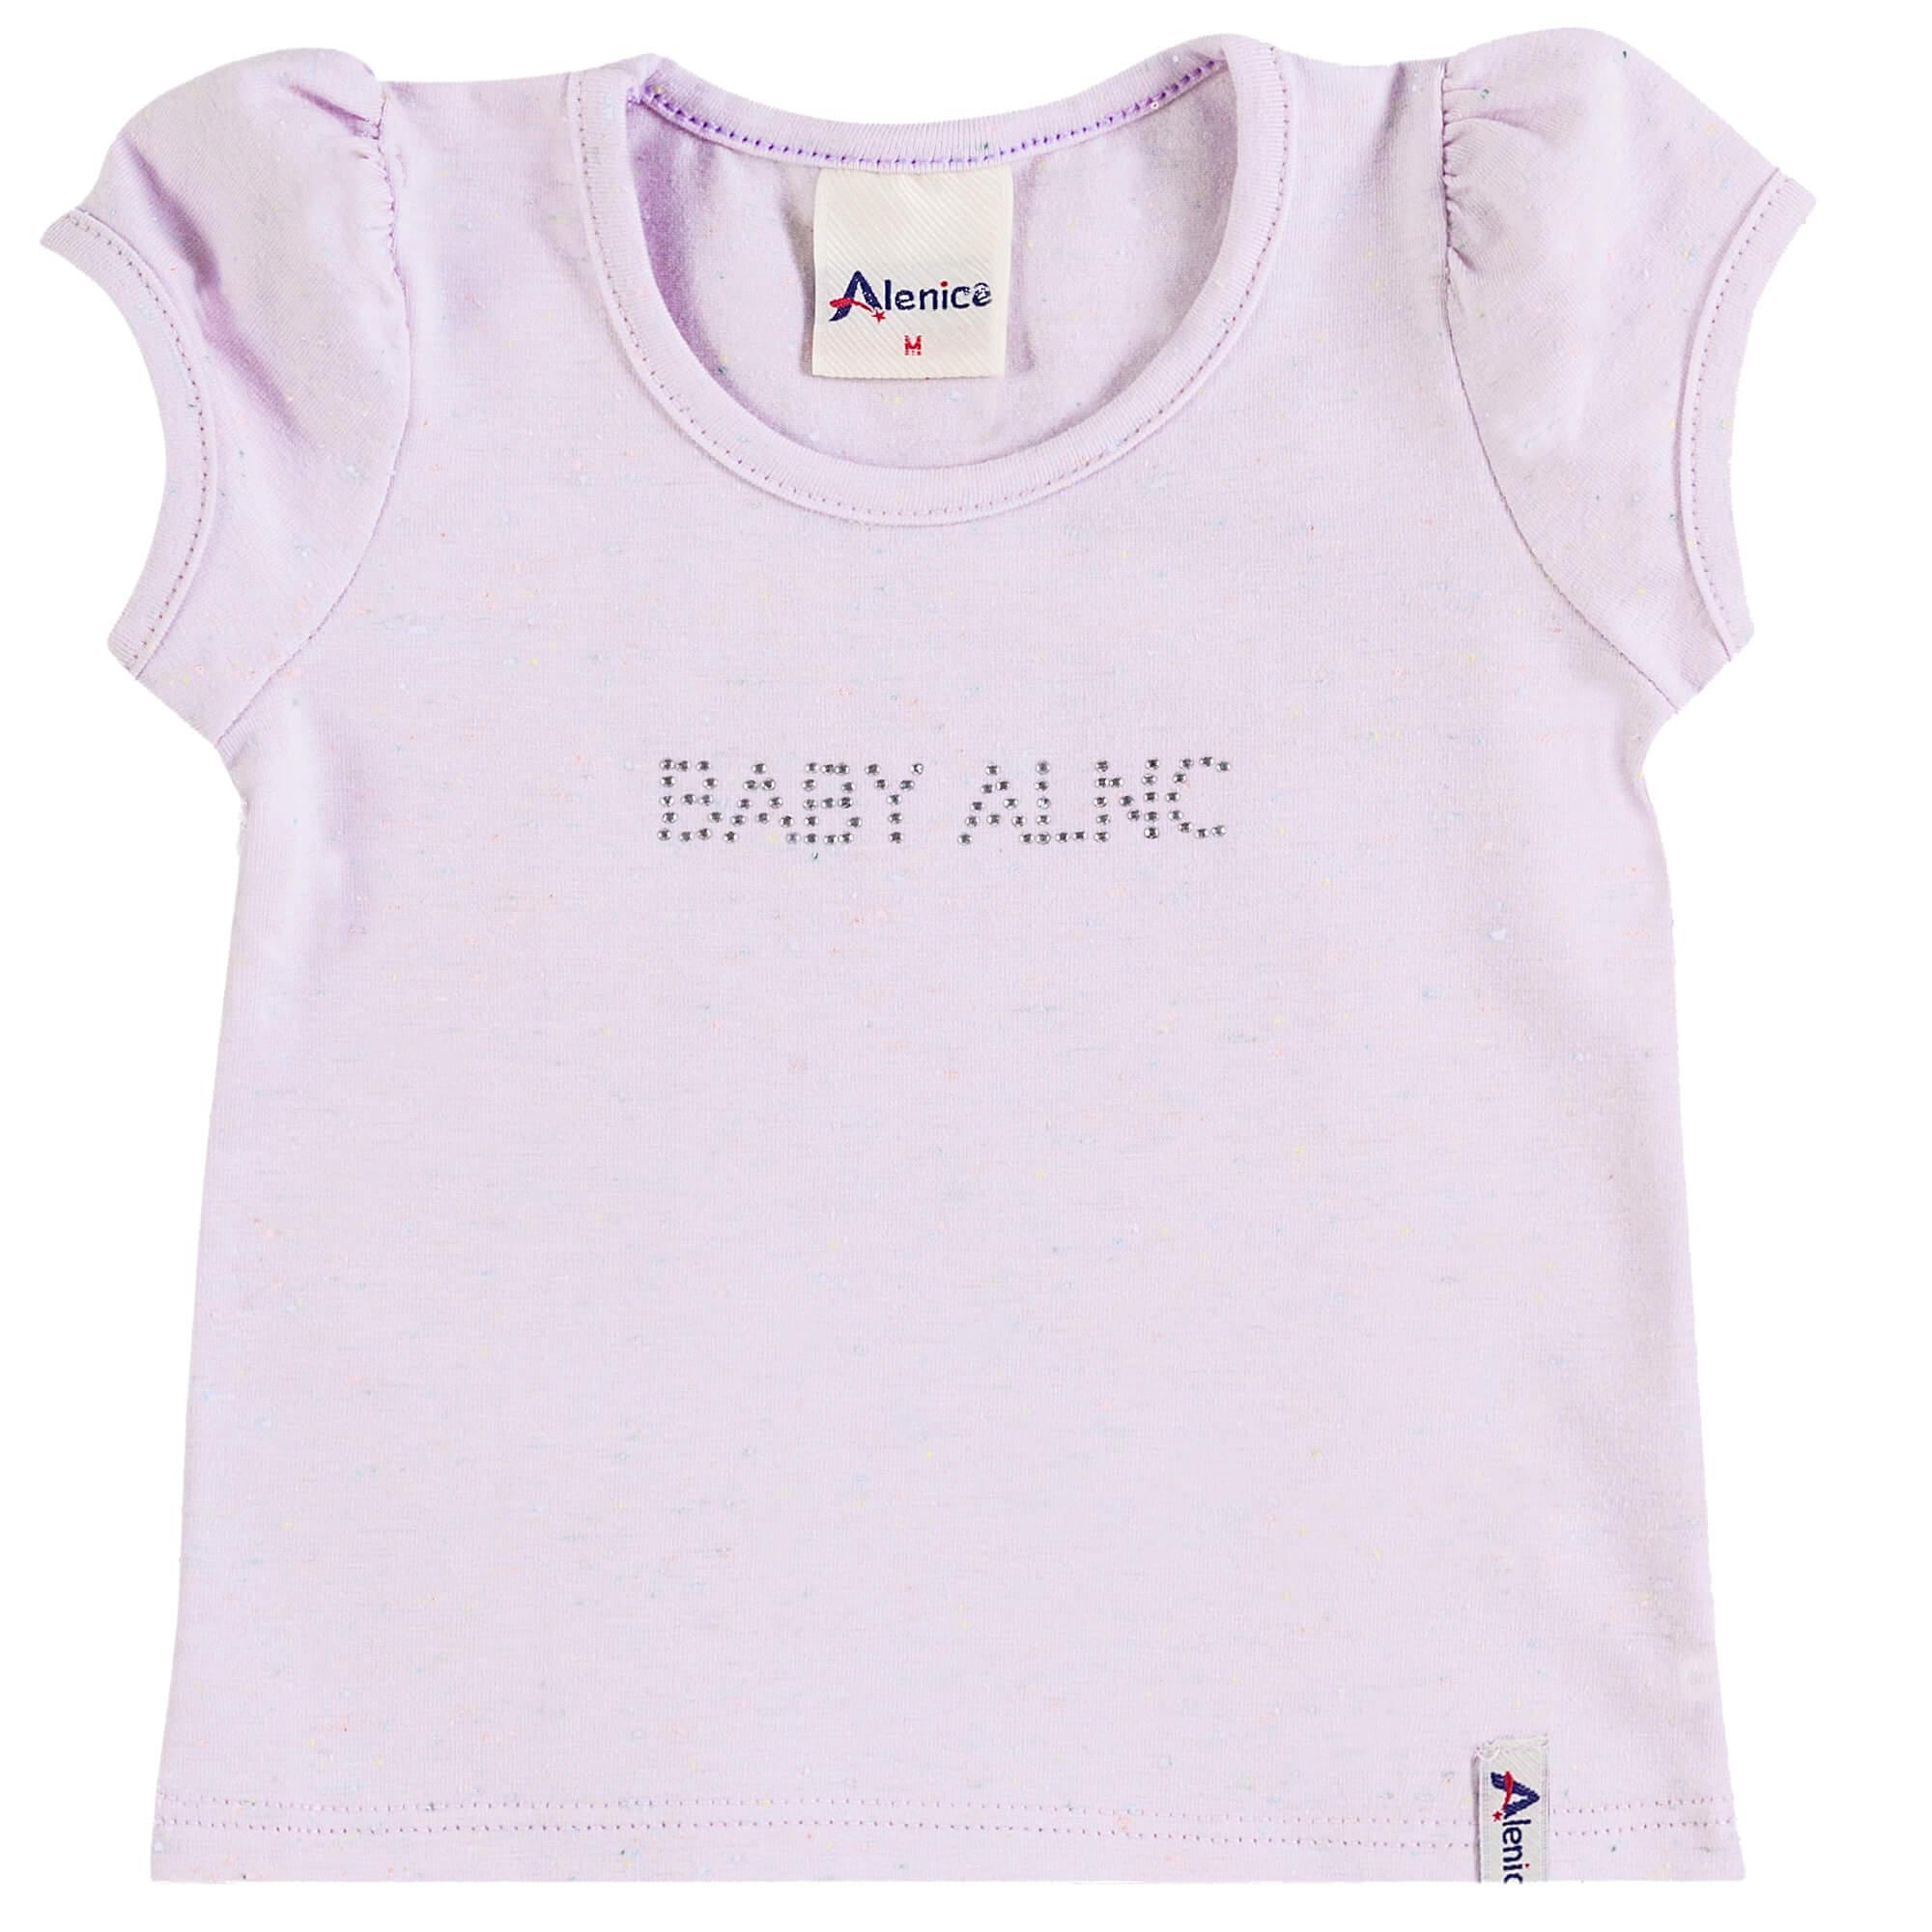 Blusa Meia Manga Alenice Baby ALNC - P ao G